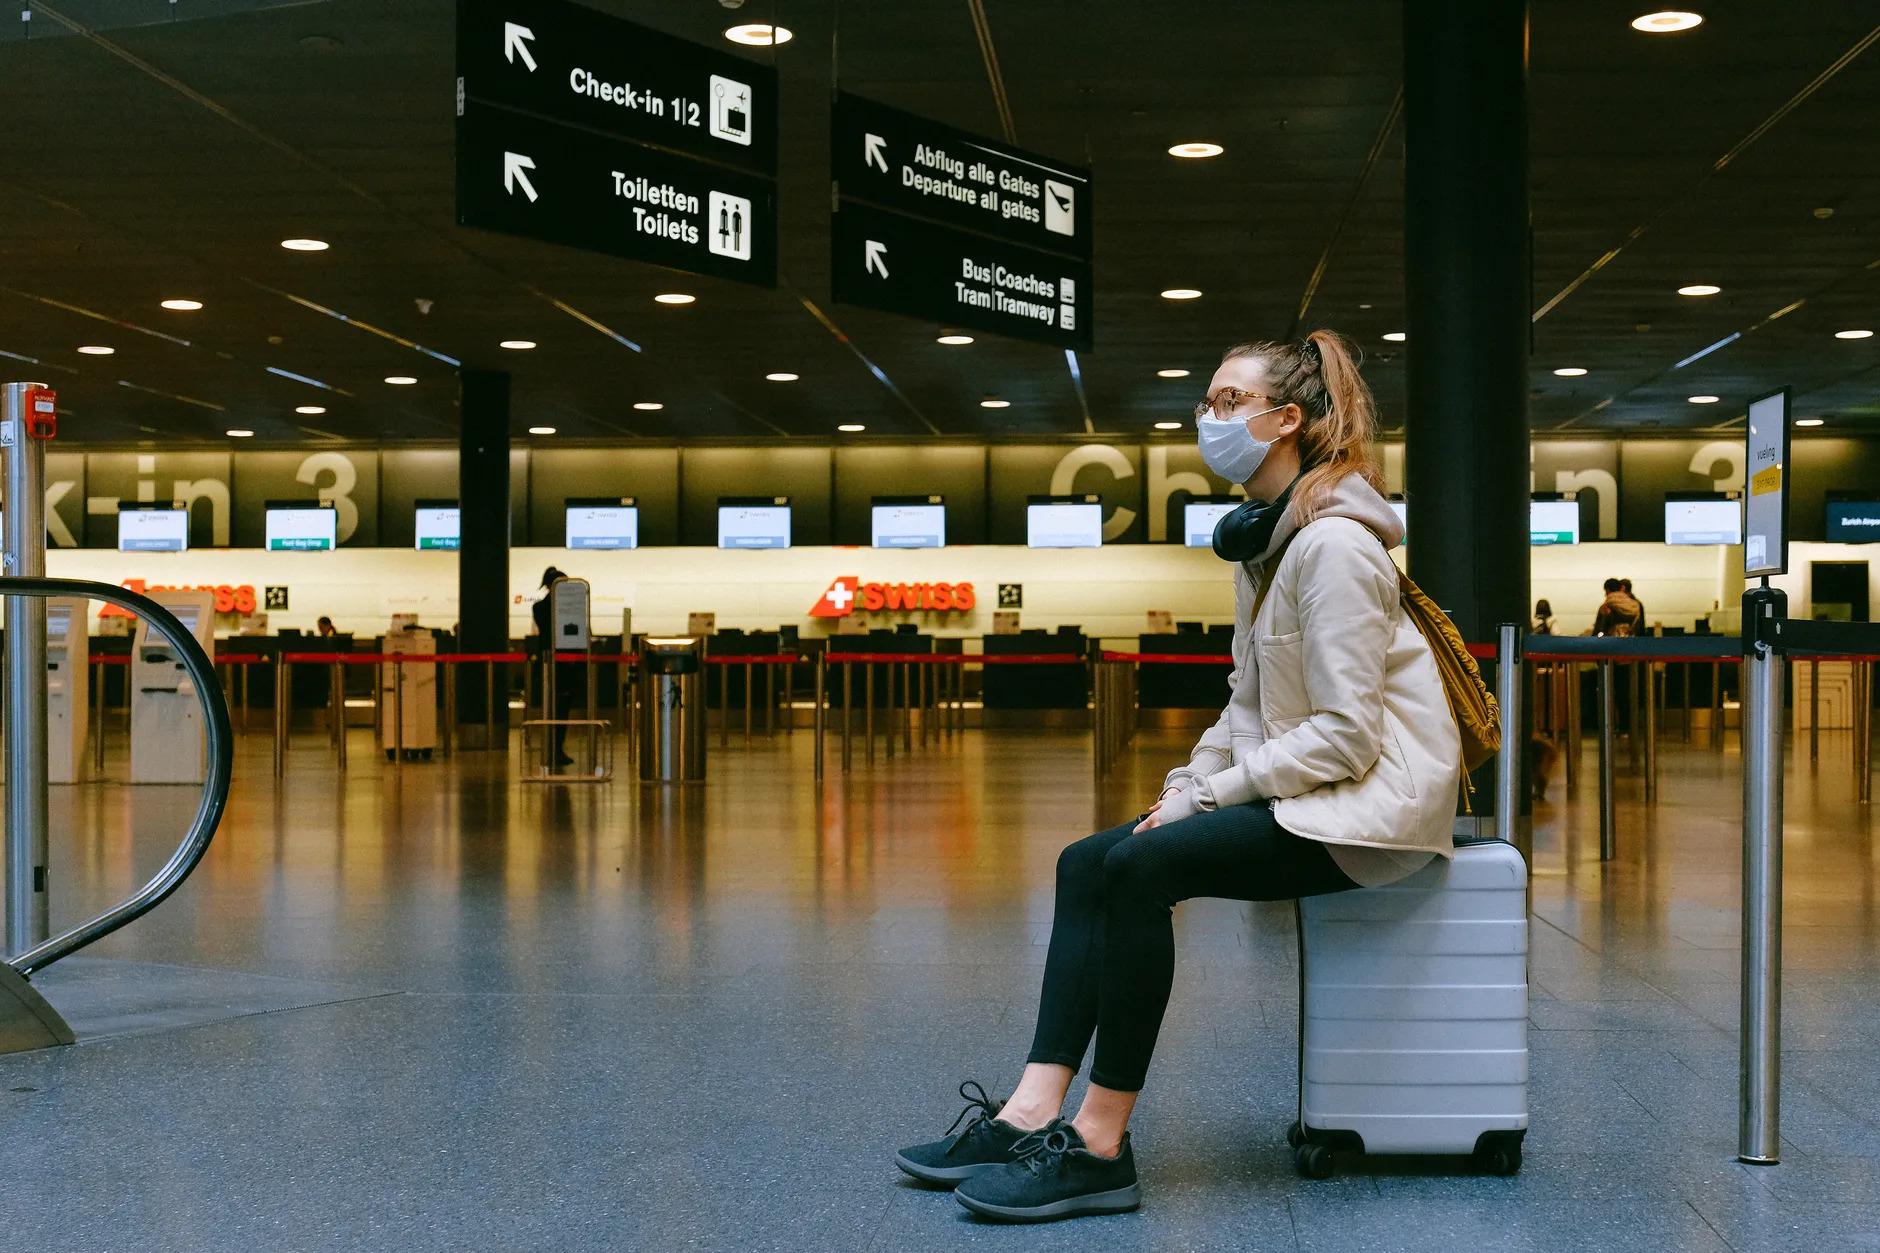 Brasil autoriza a entrada de estrangeiros sem restrições nos aeroportos